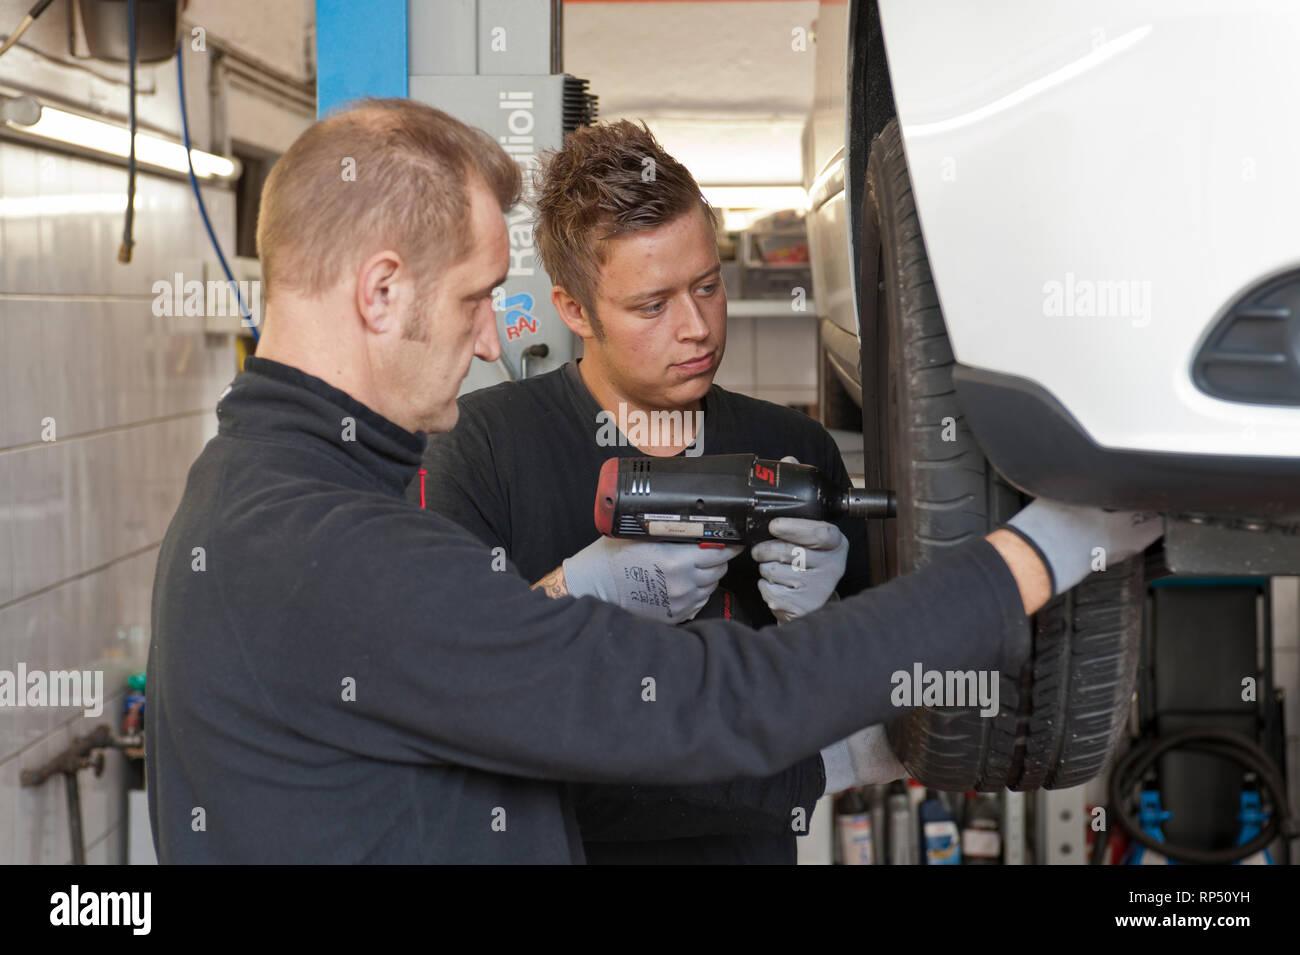 KFZ Teckniker Meister erklaert seinem Lehrling zum KFZ Mechatroniker. In einer kleinen Werkstatt [(c) Dirk A. Friedrich Stock Photo